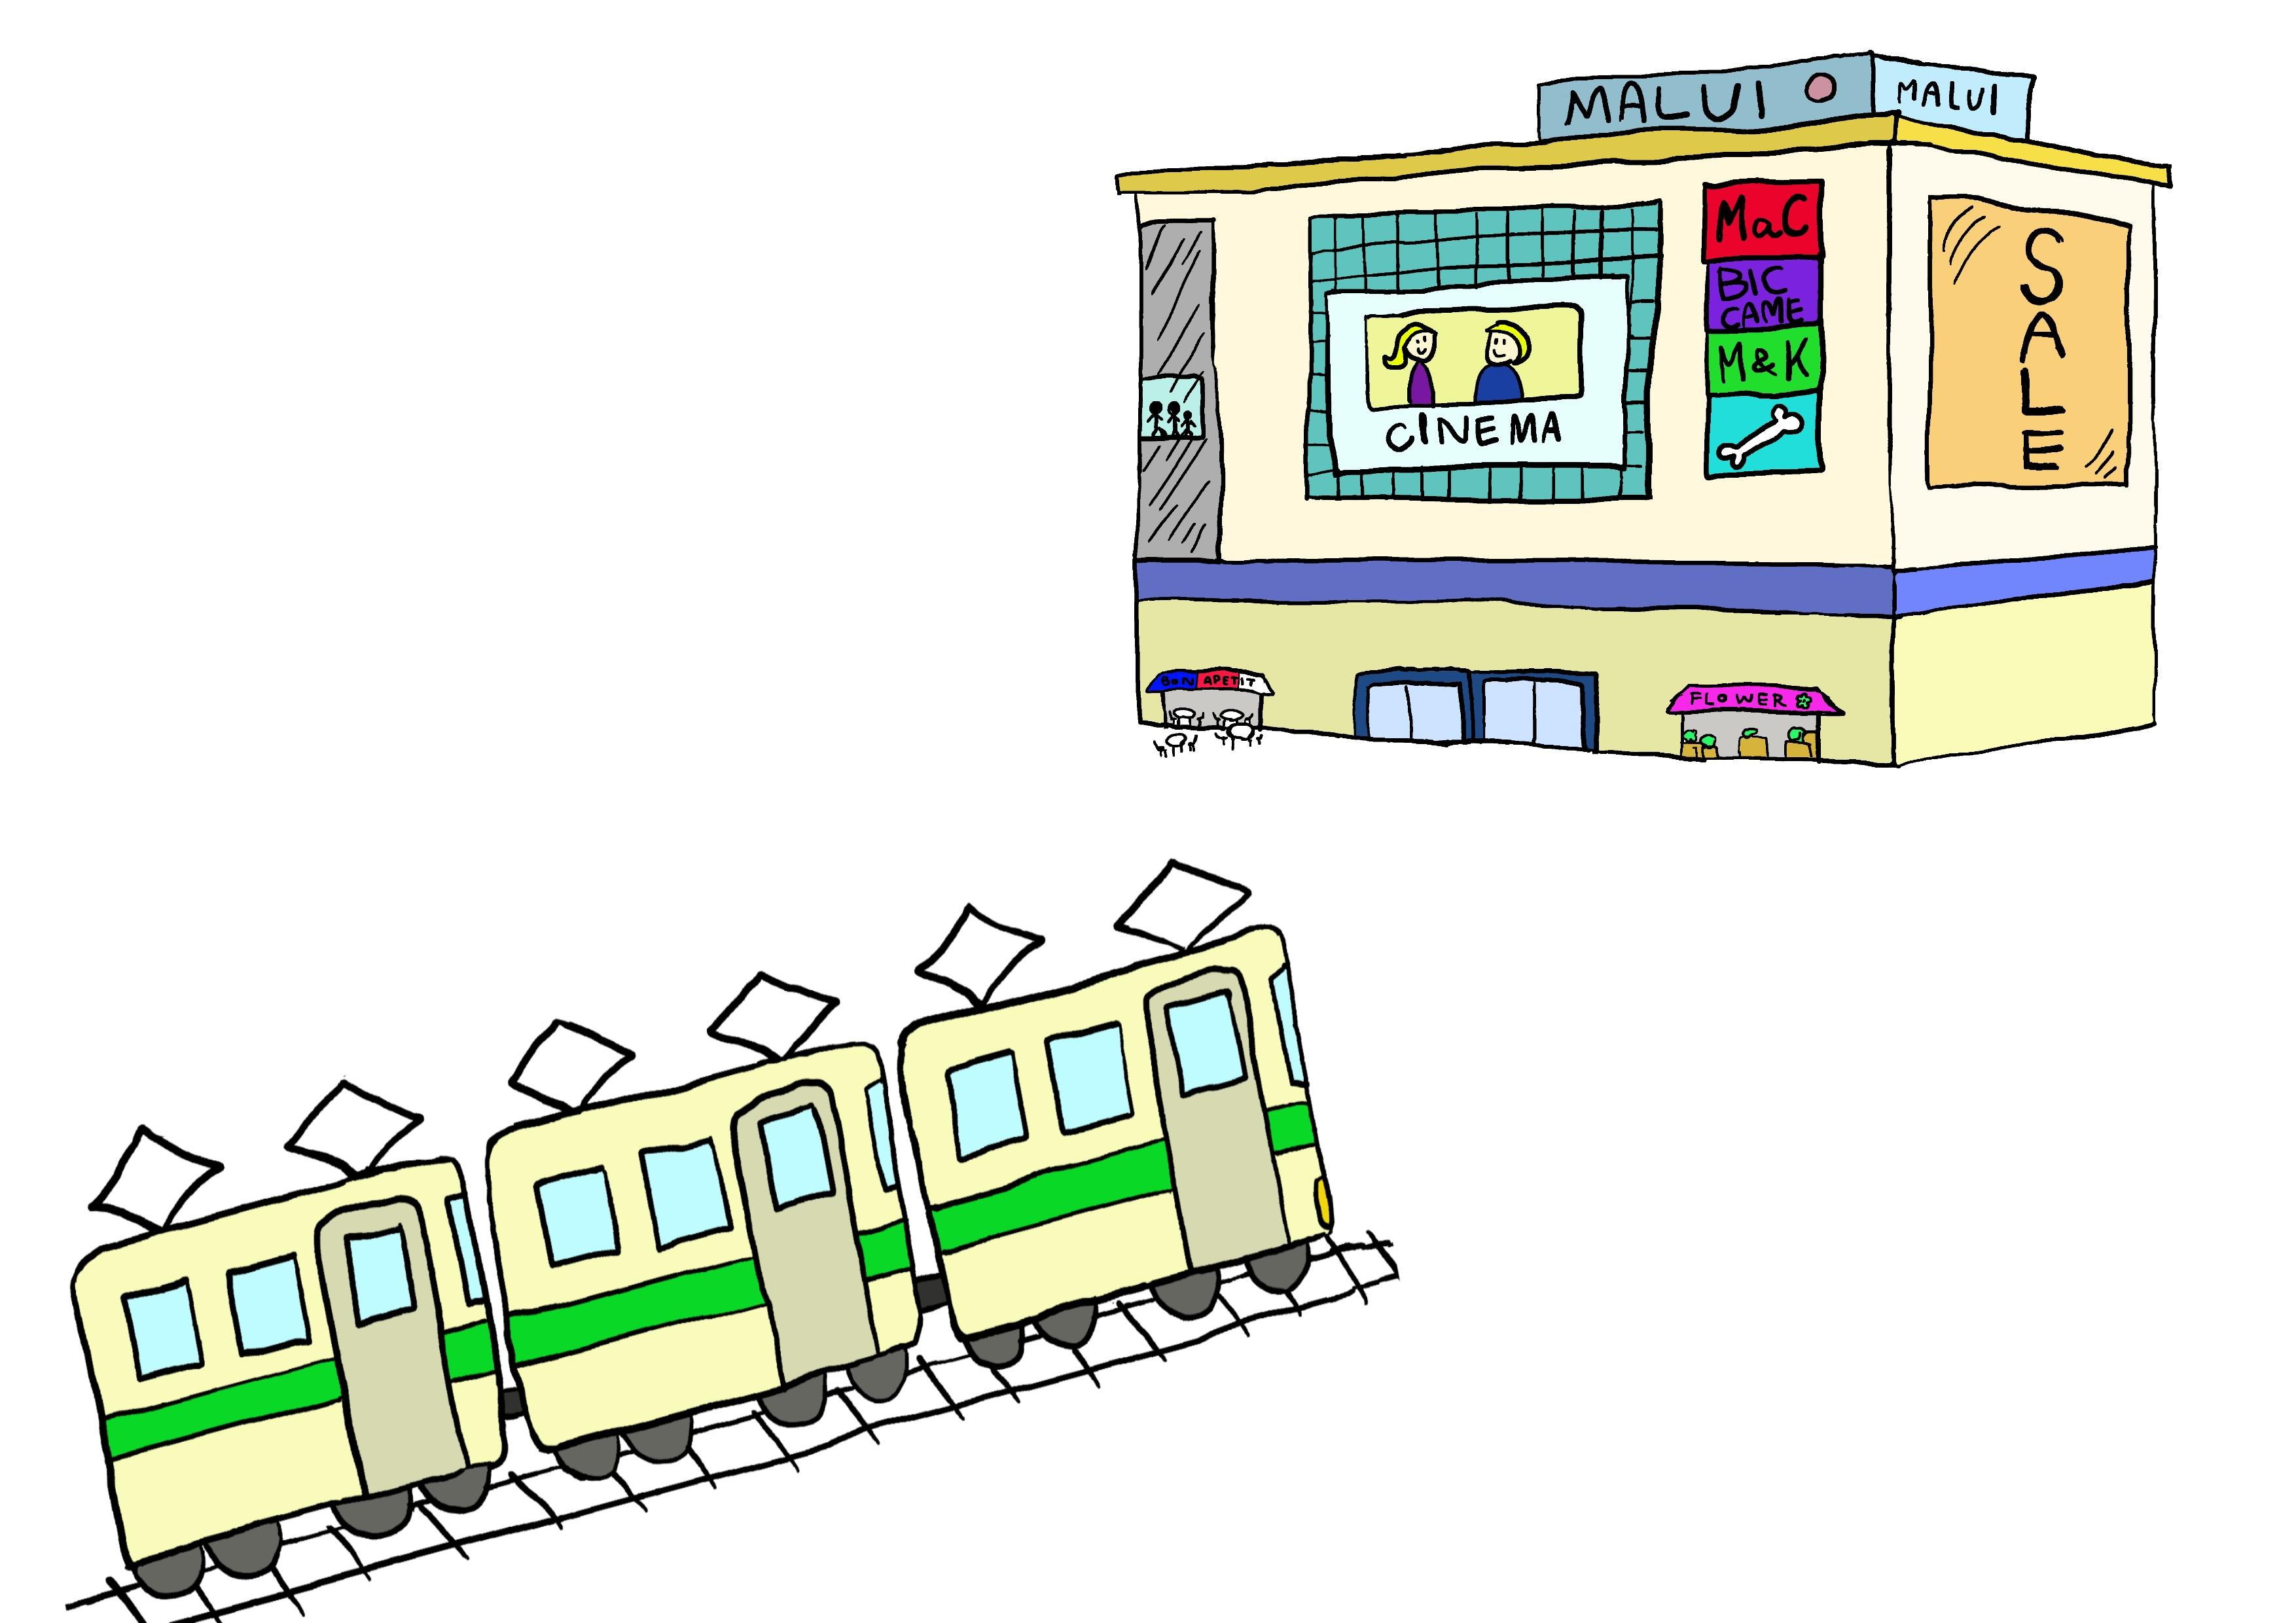 5課イラスト【電車でデパートへ行く】